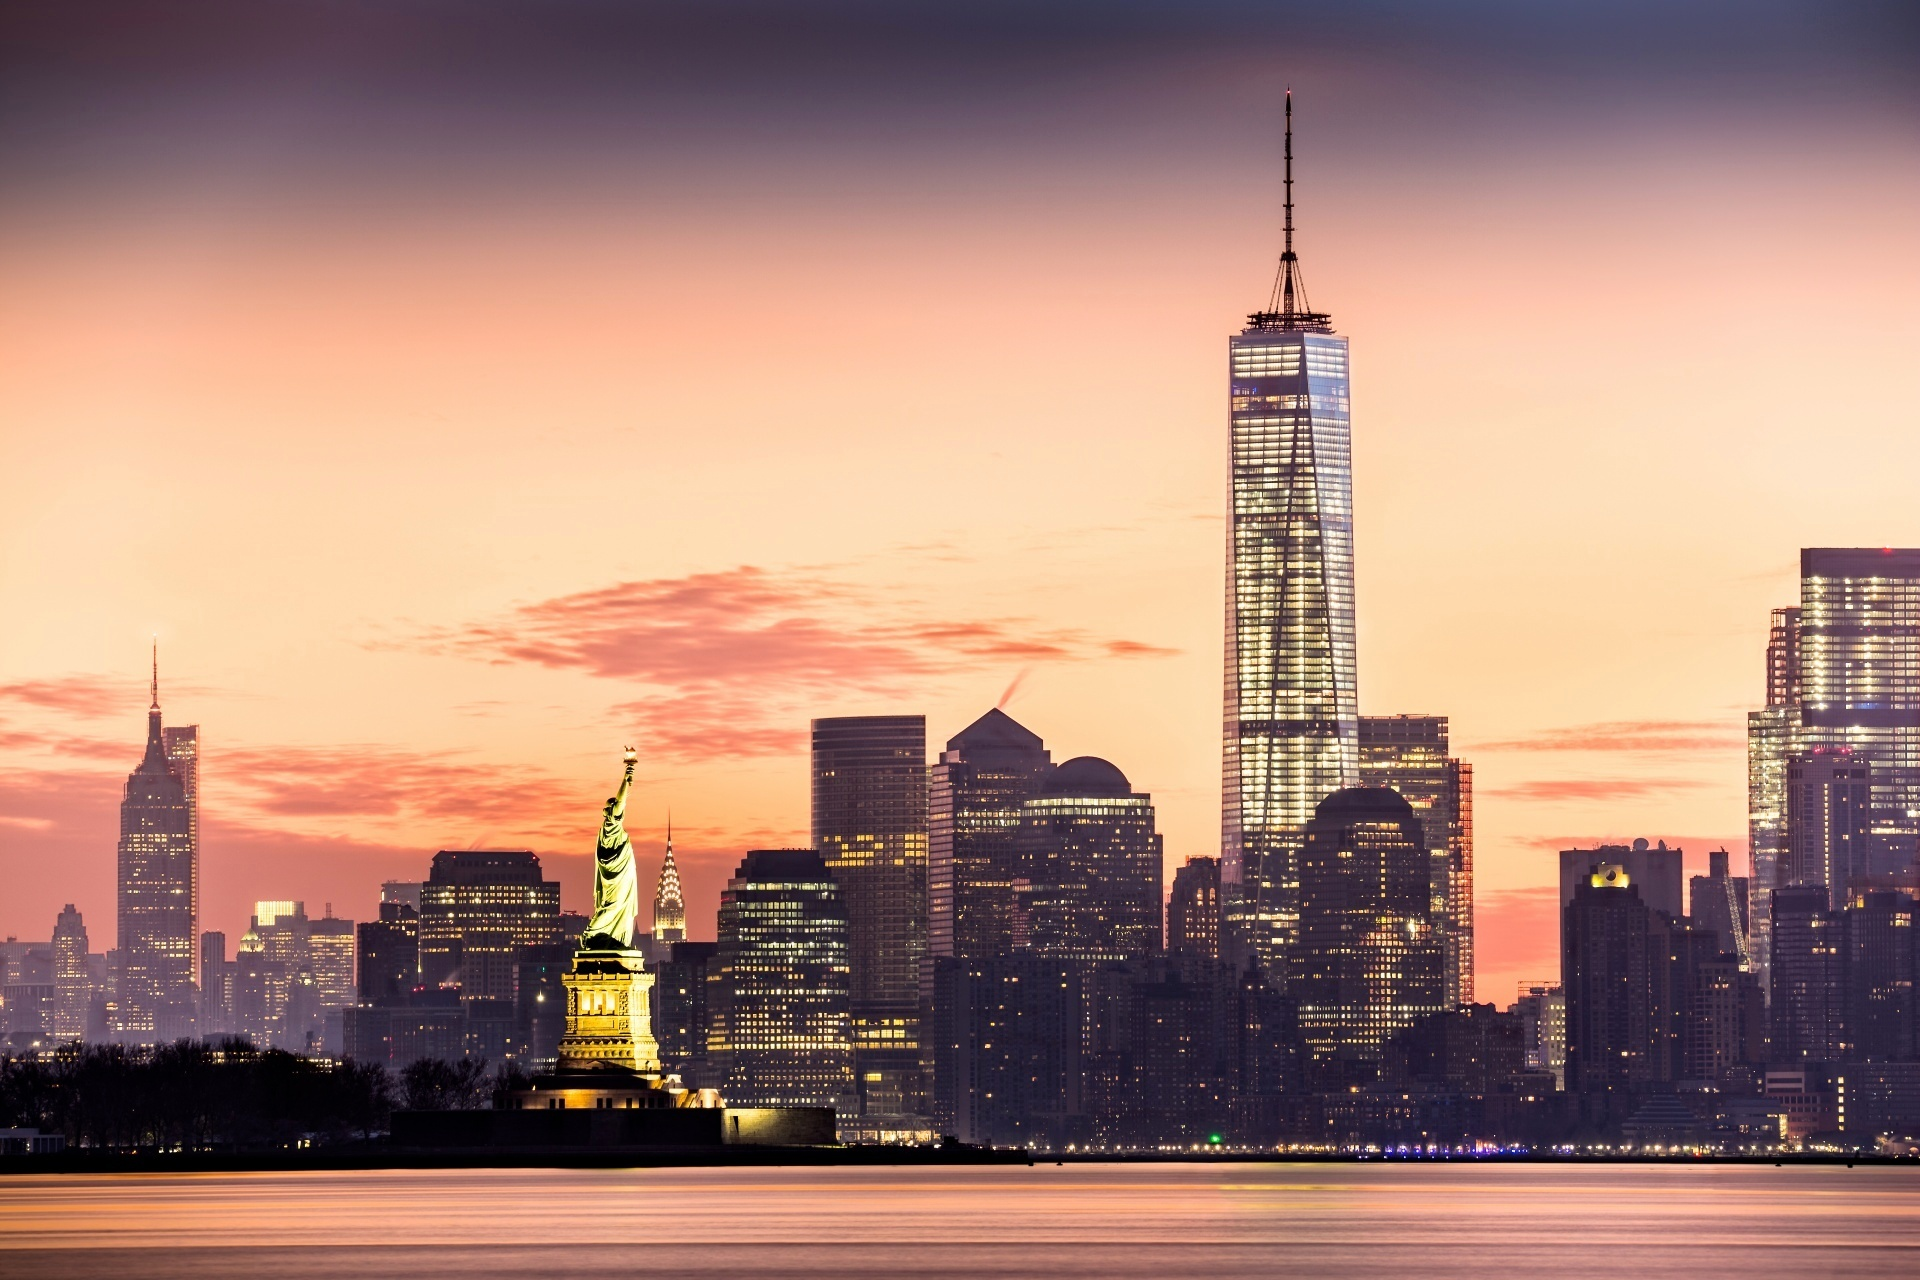 早朝のマンハッタン 自由の女神と1 ワールドトレードセンター